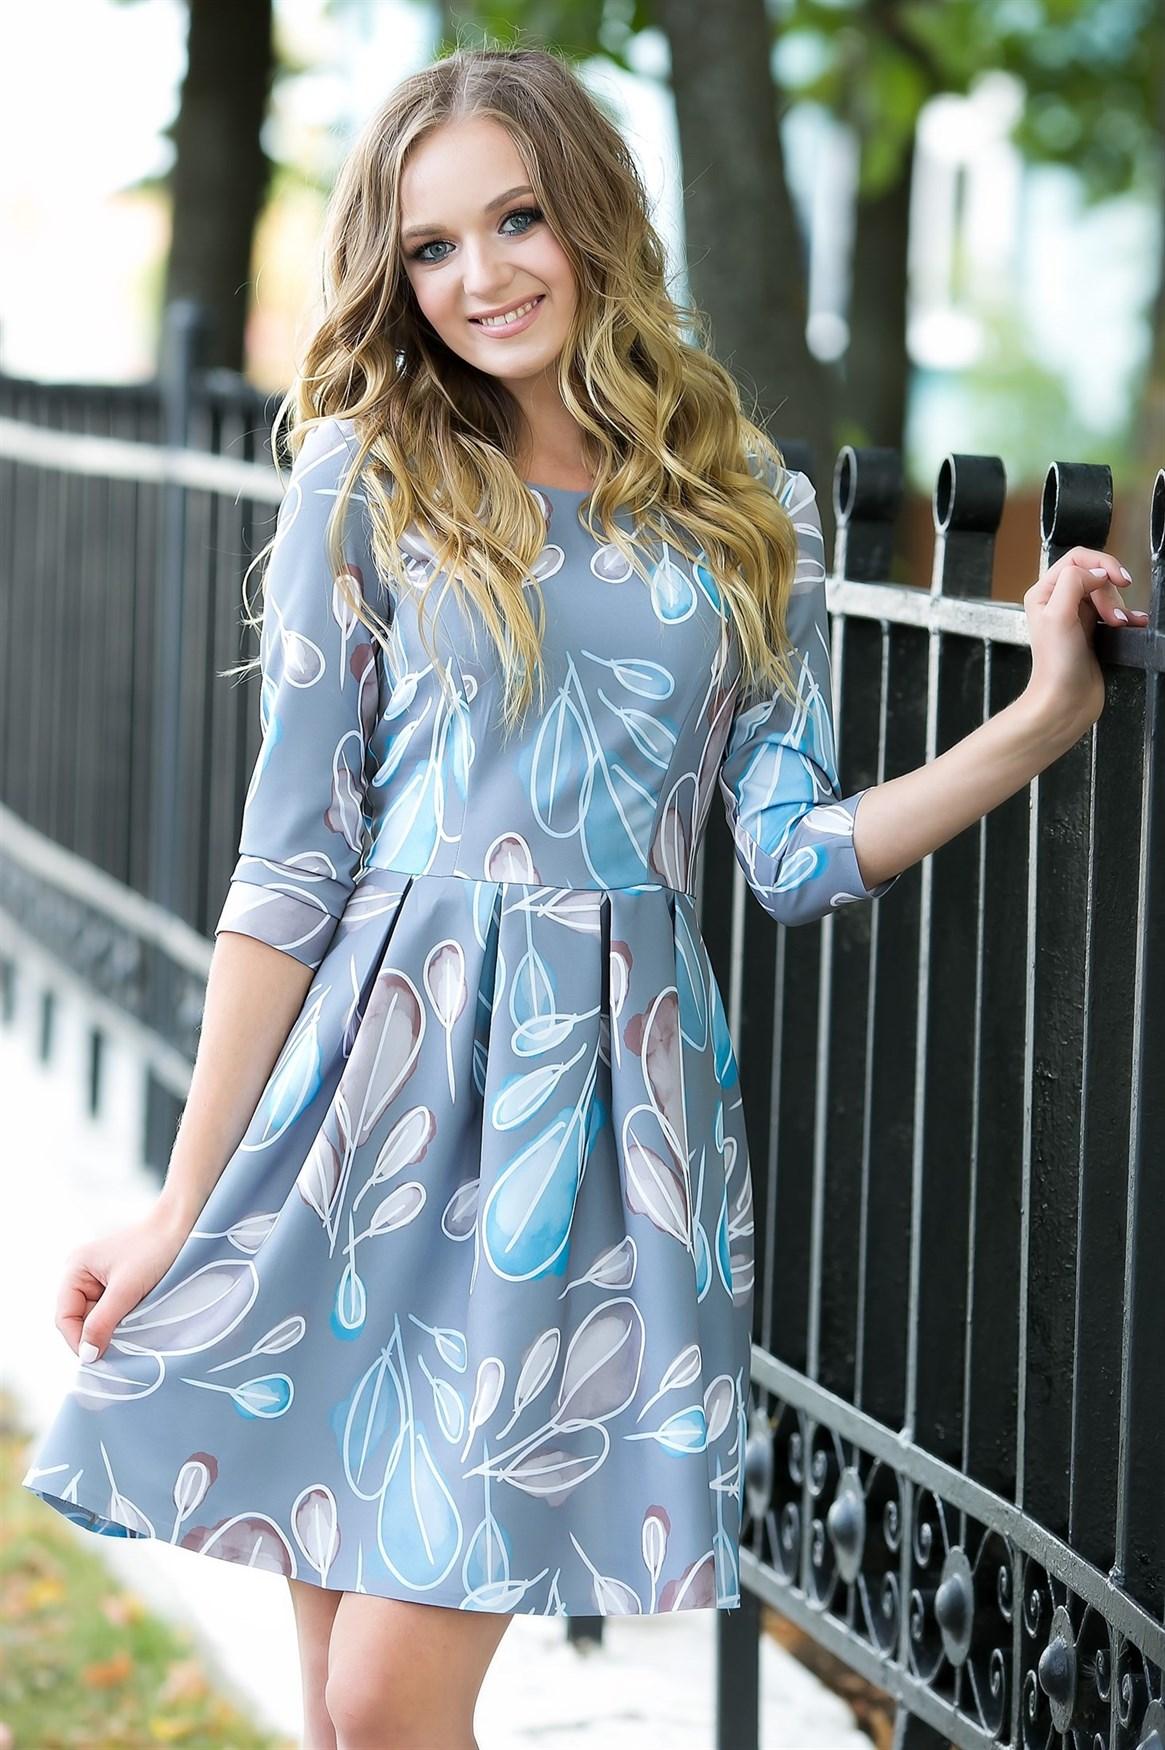 74-09 Платье - фото 7090